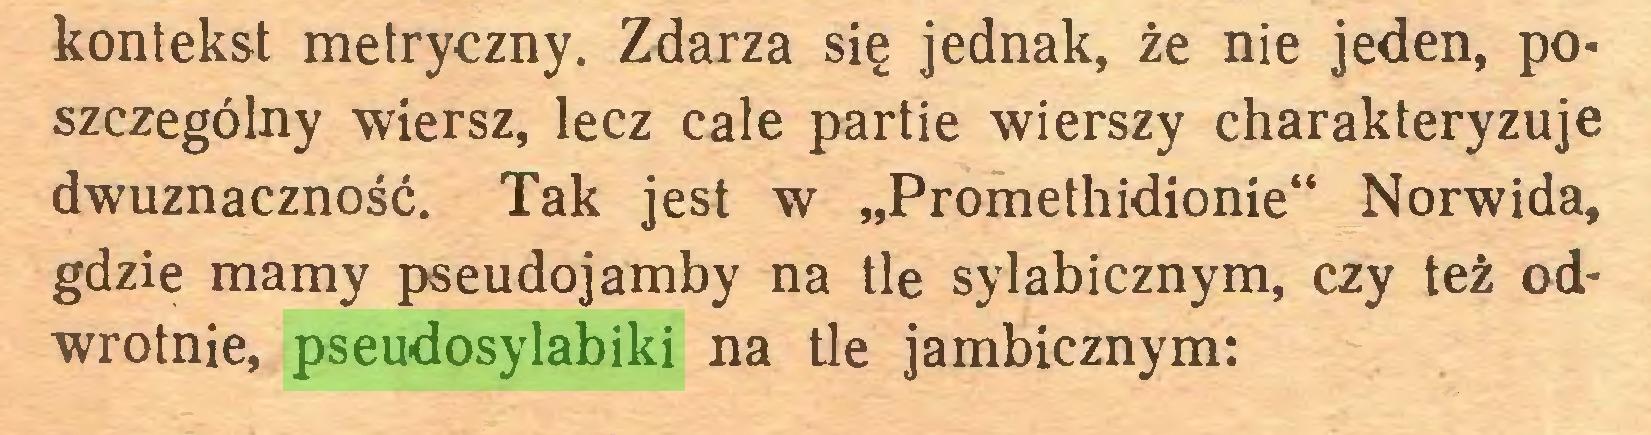 """(...) kontekst metryczny. Zdarza się jednak, że nie jeden, po* szczególny wiersz, lecz cale partie wierszy charakteryzuje dwuznaczność. Tak jest w """"Promethidionie"""" Norwida, gdzie mamy pseudojamby na tle sylabicznym, czy też odwrotnie, pseudosylabiki na tle jambicznym:..."""